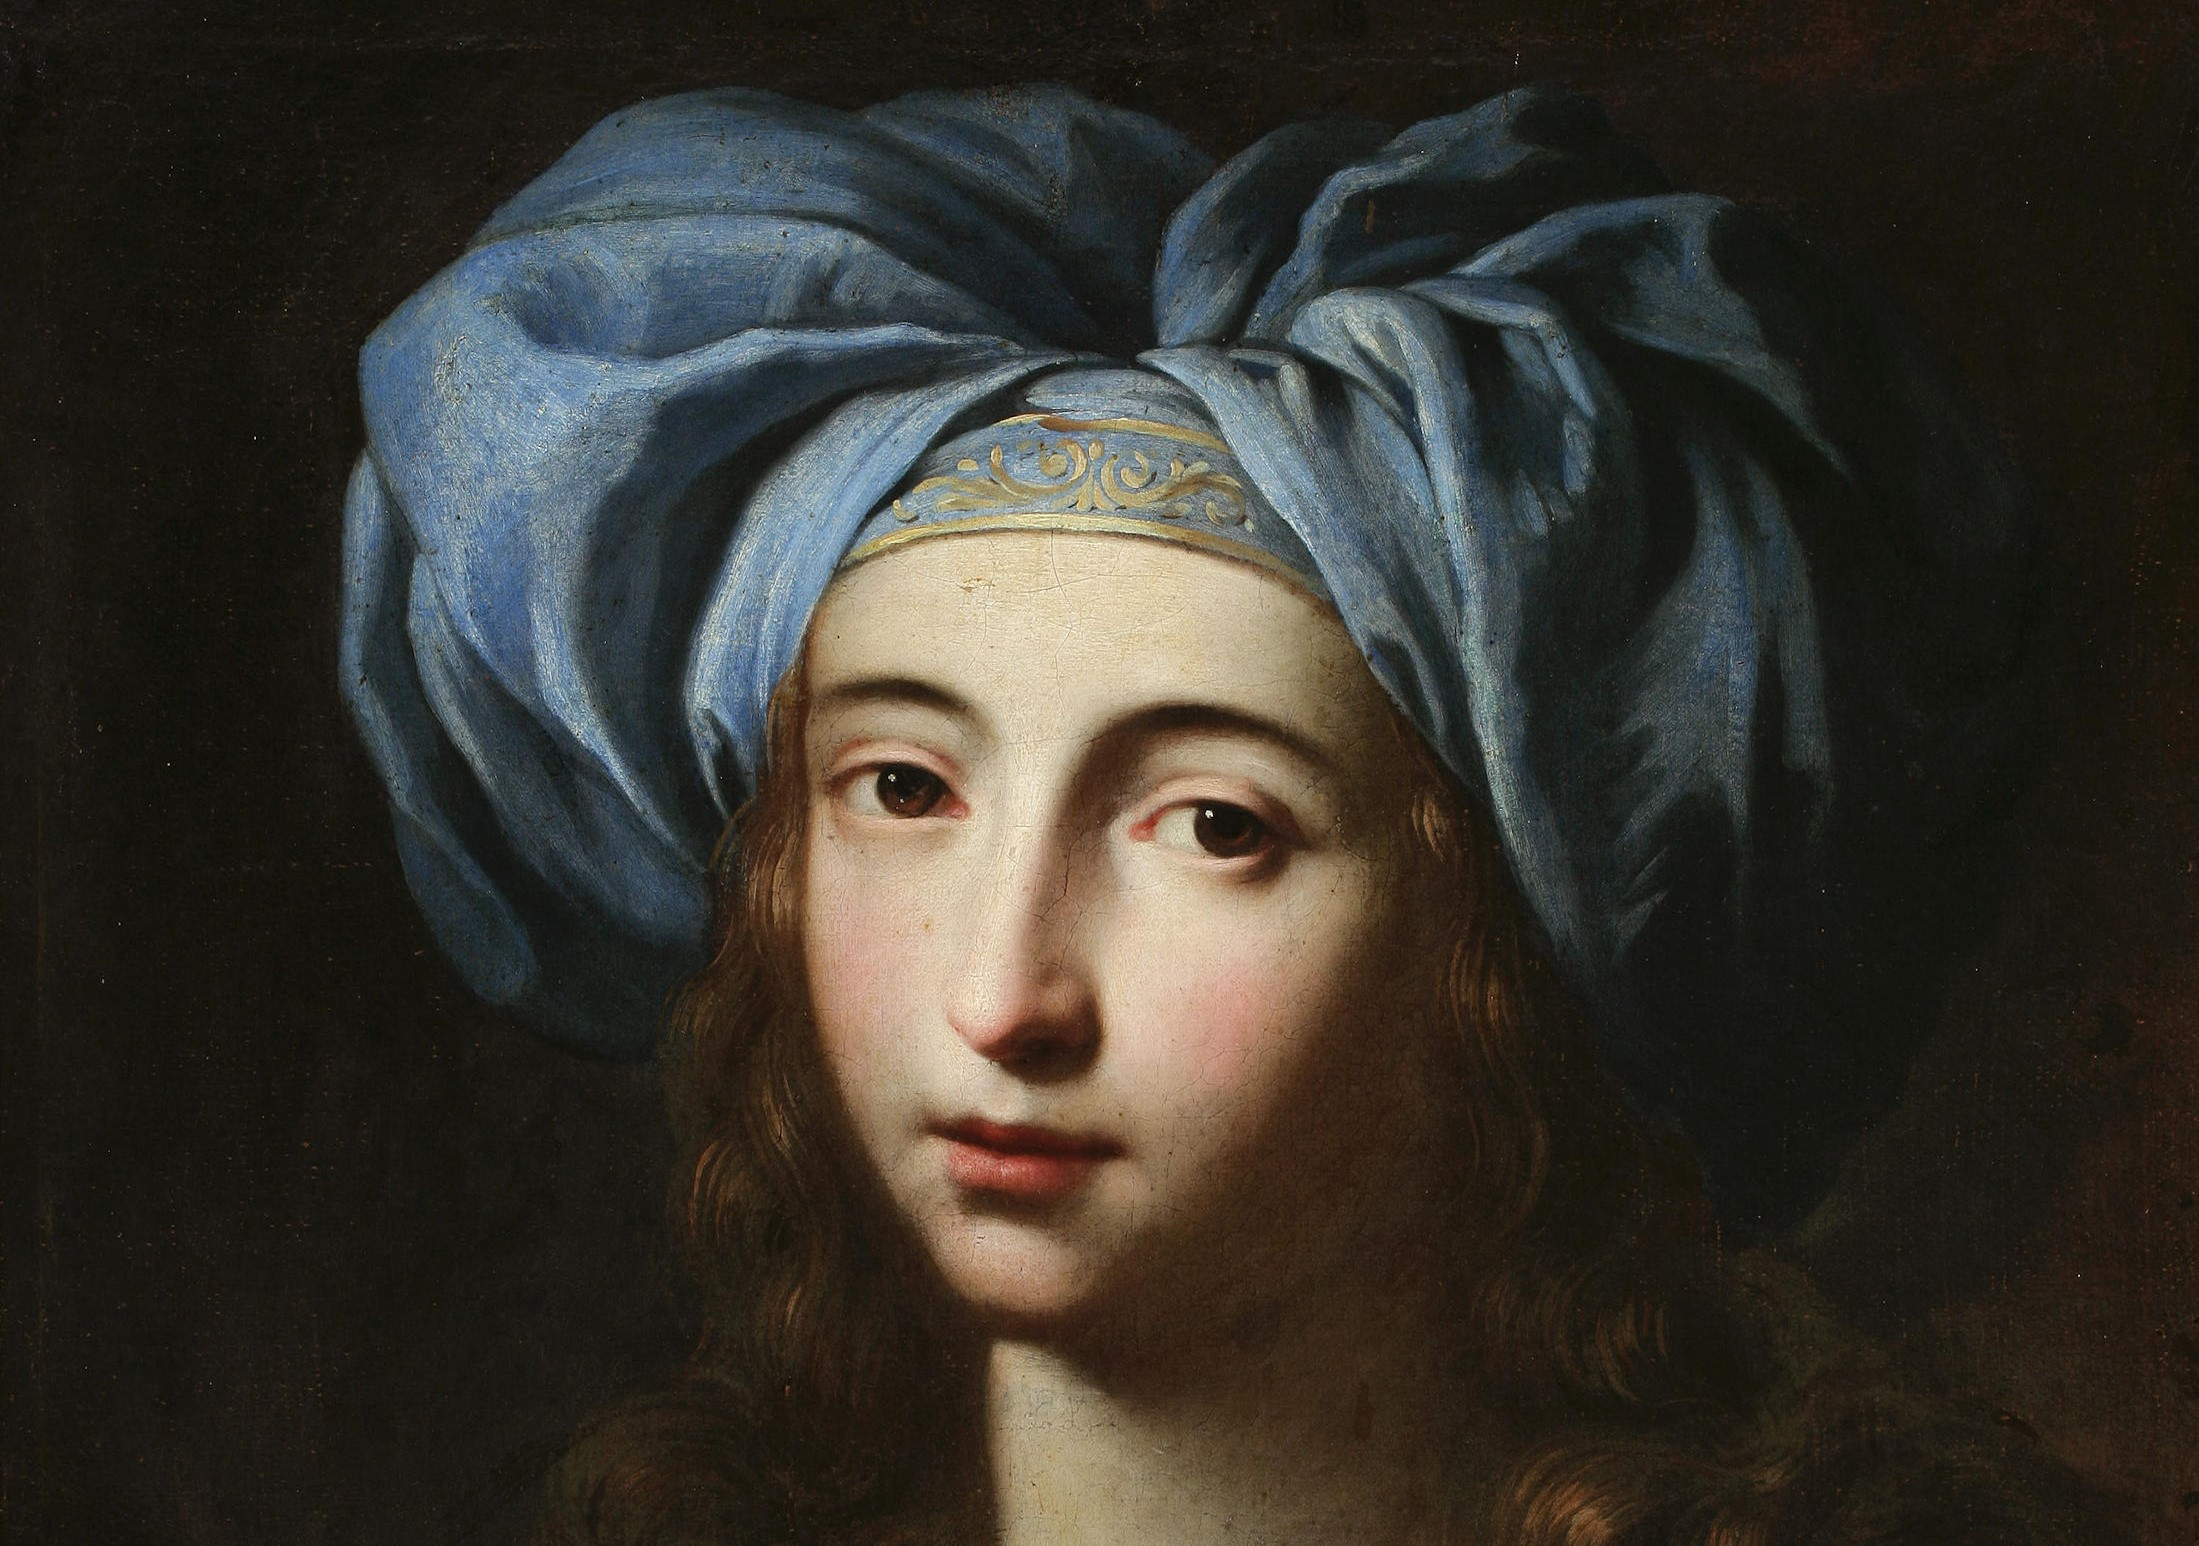 Le grandi Signore della storia dell'arte, da Artemisia Gentileschi a Elisabetta Sirani